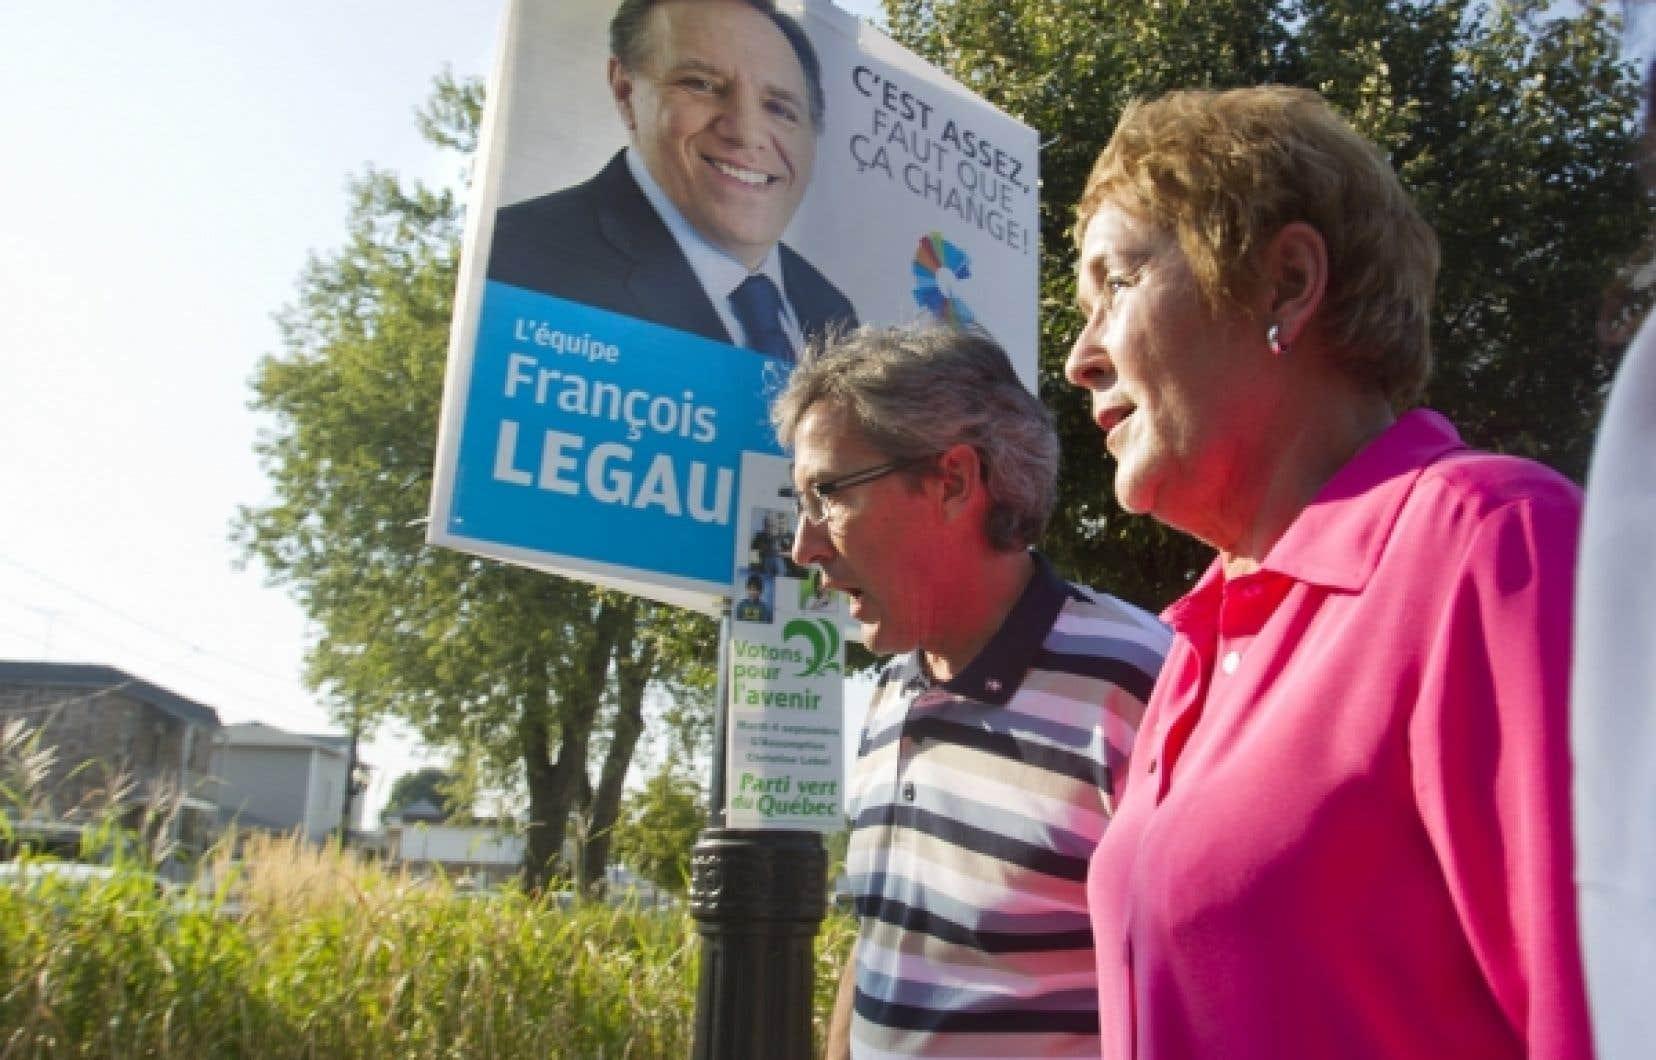 Pauline Marois était aujourd'hui à L'Assomption, dans la circonscription du même nom où François Legault tente de se faire élire, avec son candidat Scott McKay.